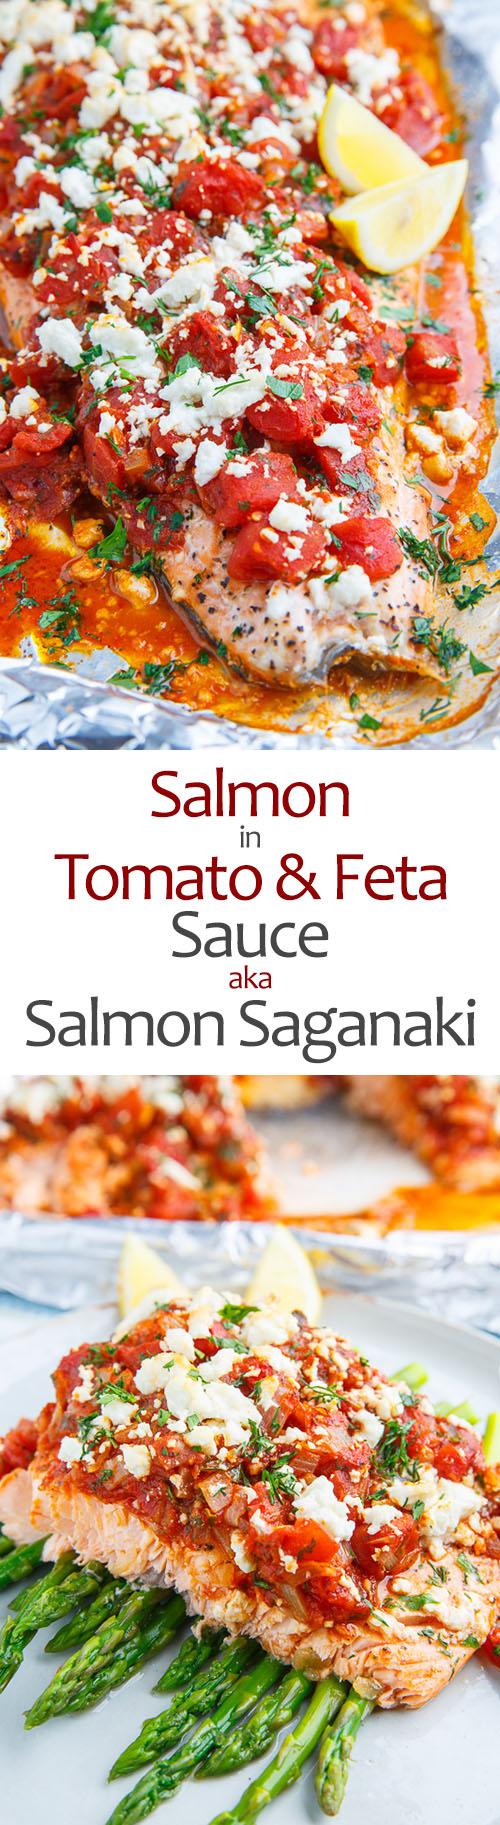 Salmon in a Tomato and Feta Sauce (aka Salmon Saganaki)